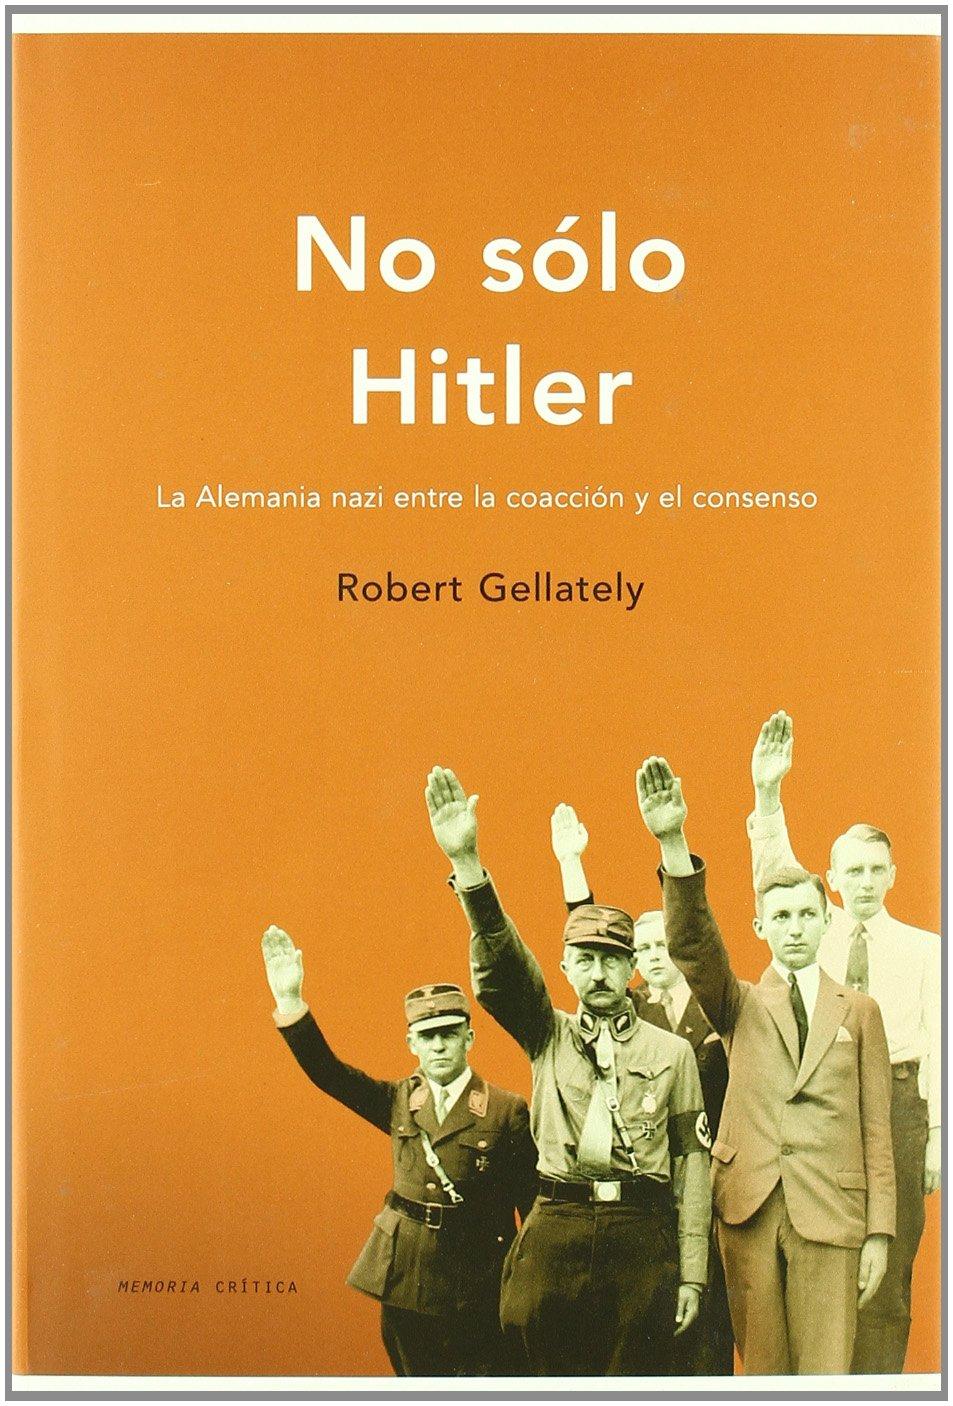 No sólo Hitler: La Alemania nazi entre la coacción y el consenso